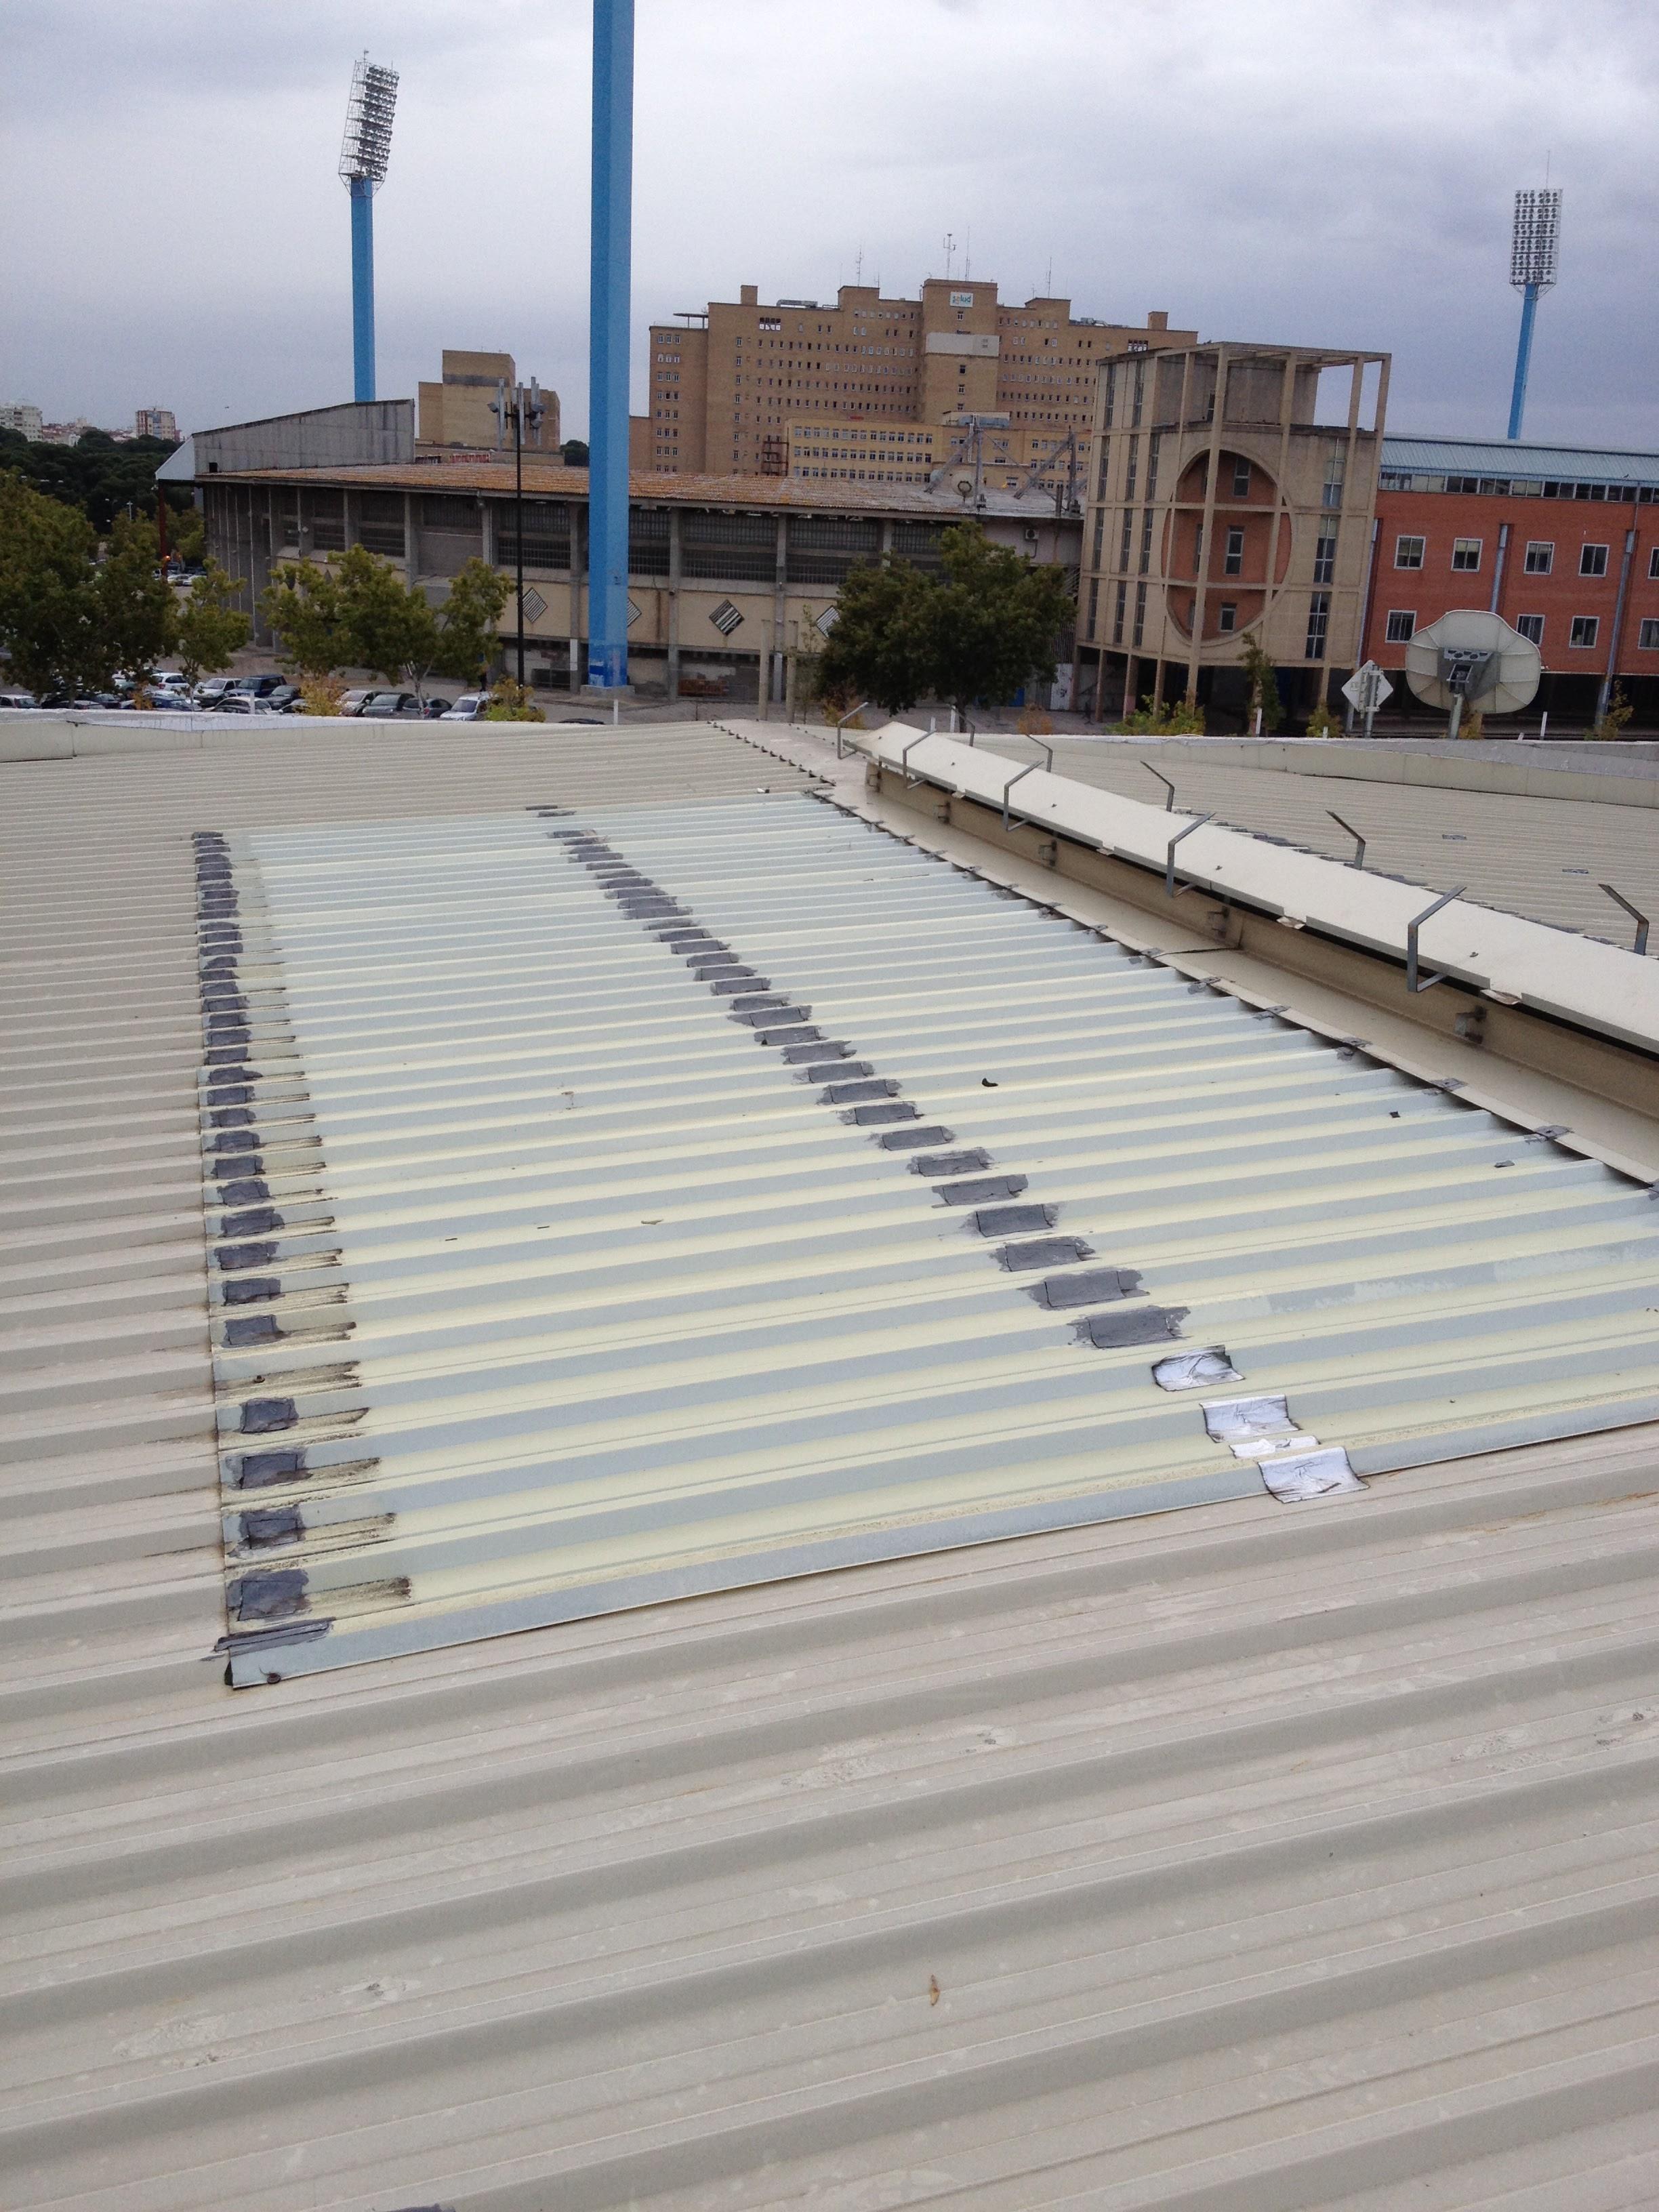 Sustitución de translúcidos en cubierta desmontaje y montaje de aireadores